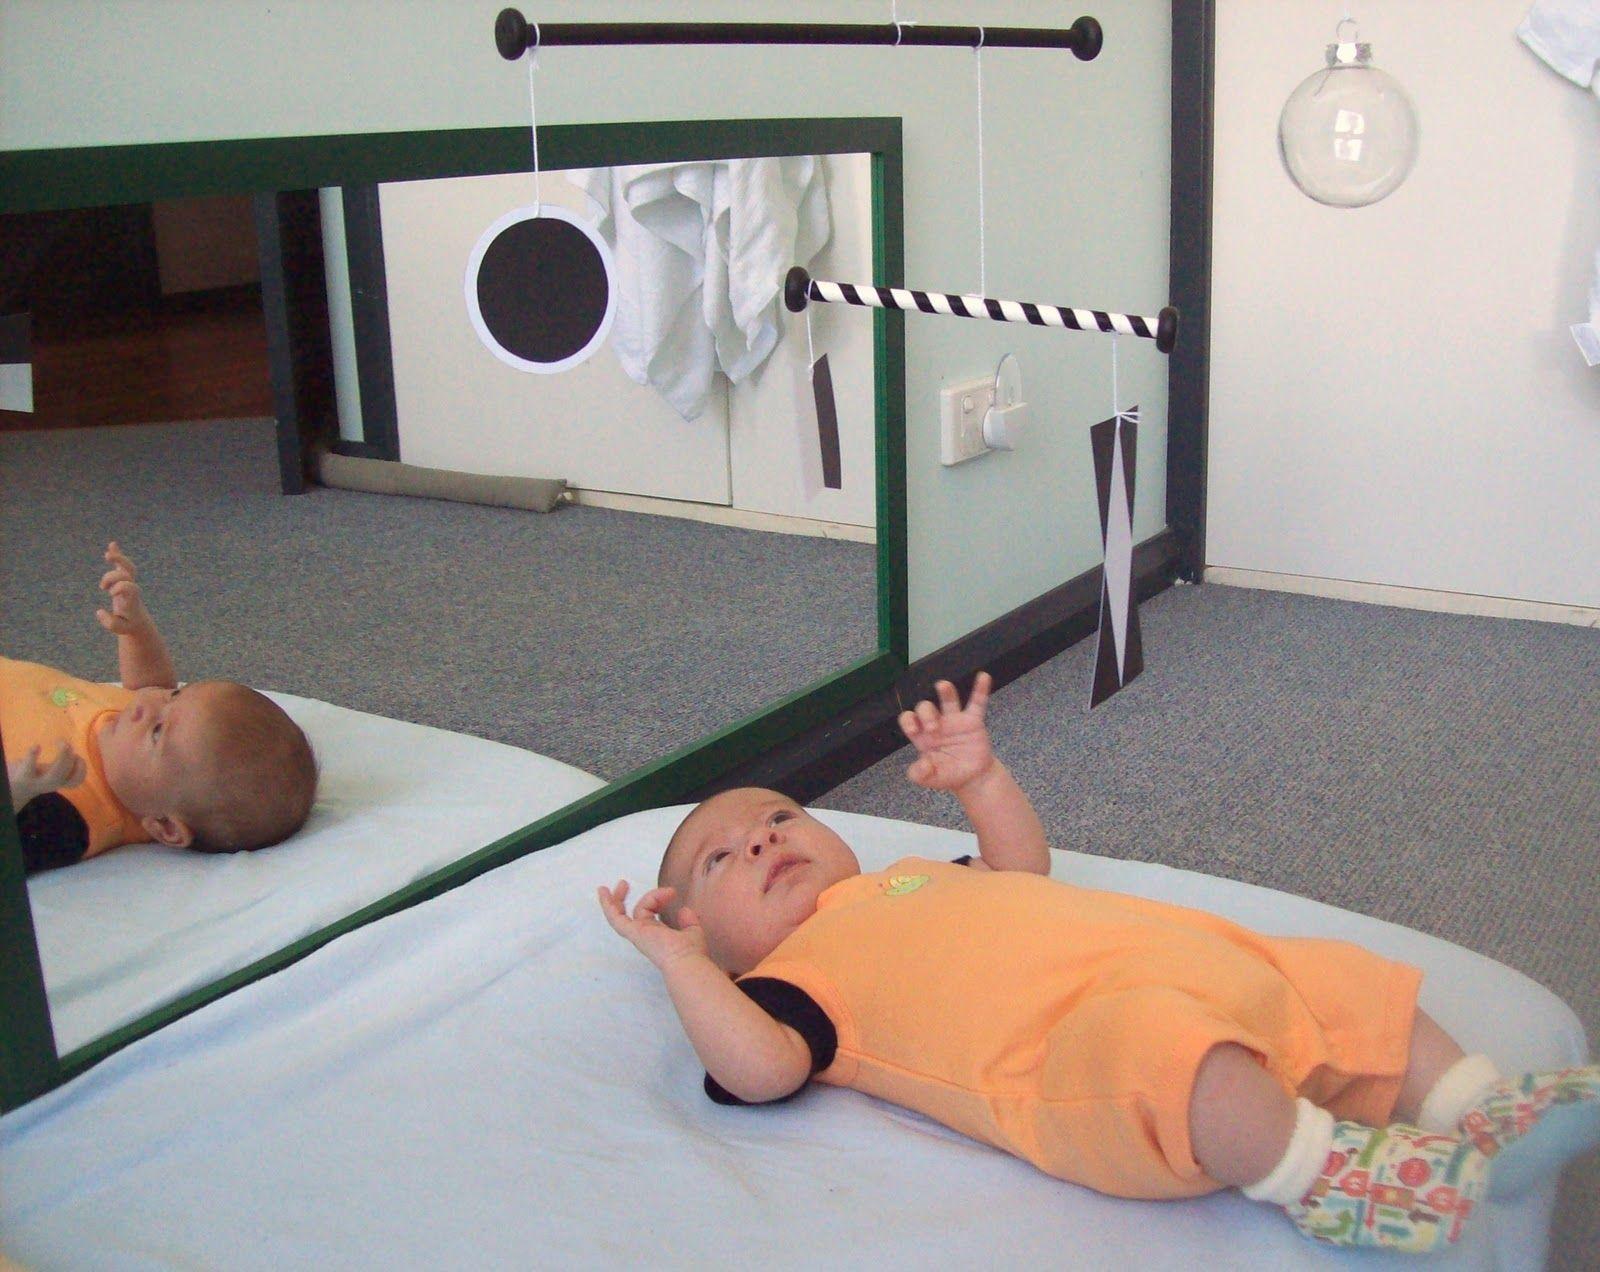 Jeux Montessori Pour Enfants De 0 À 6 Mois | Jeux Montessori encequiconcerne Jeux Eveil Bebe 2 Mois